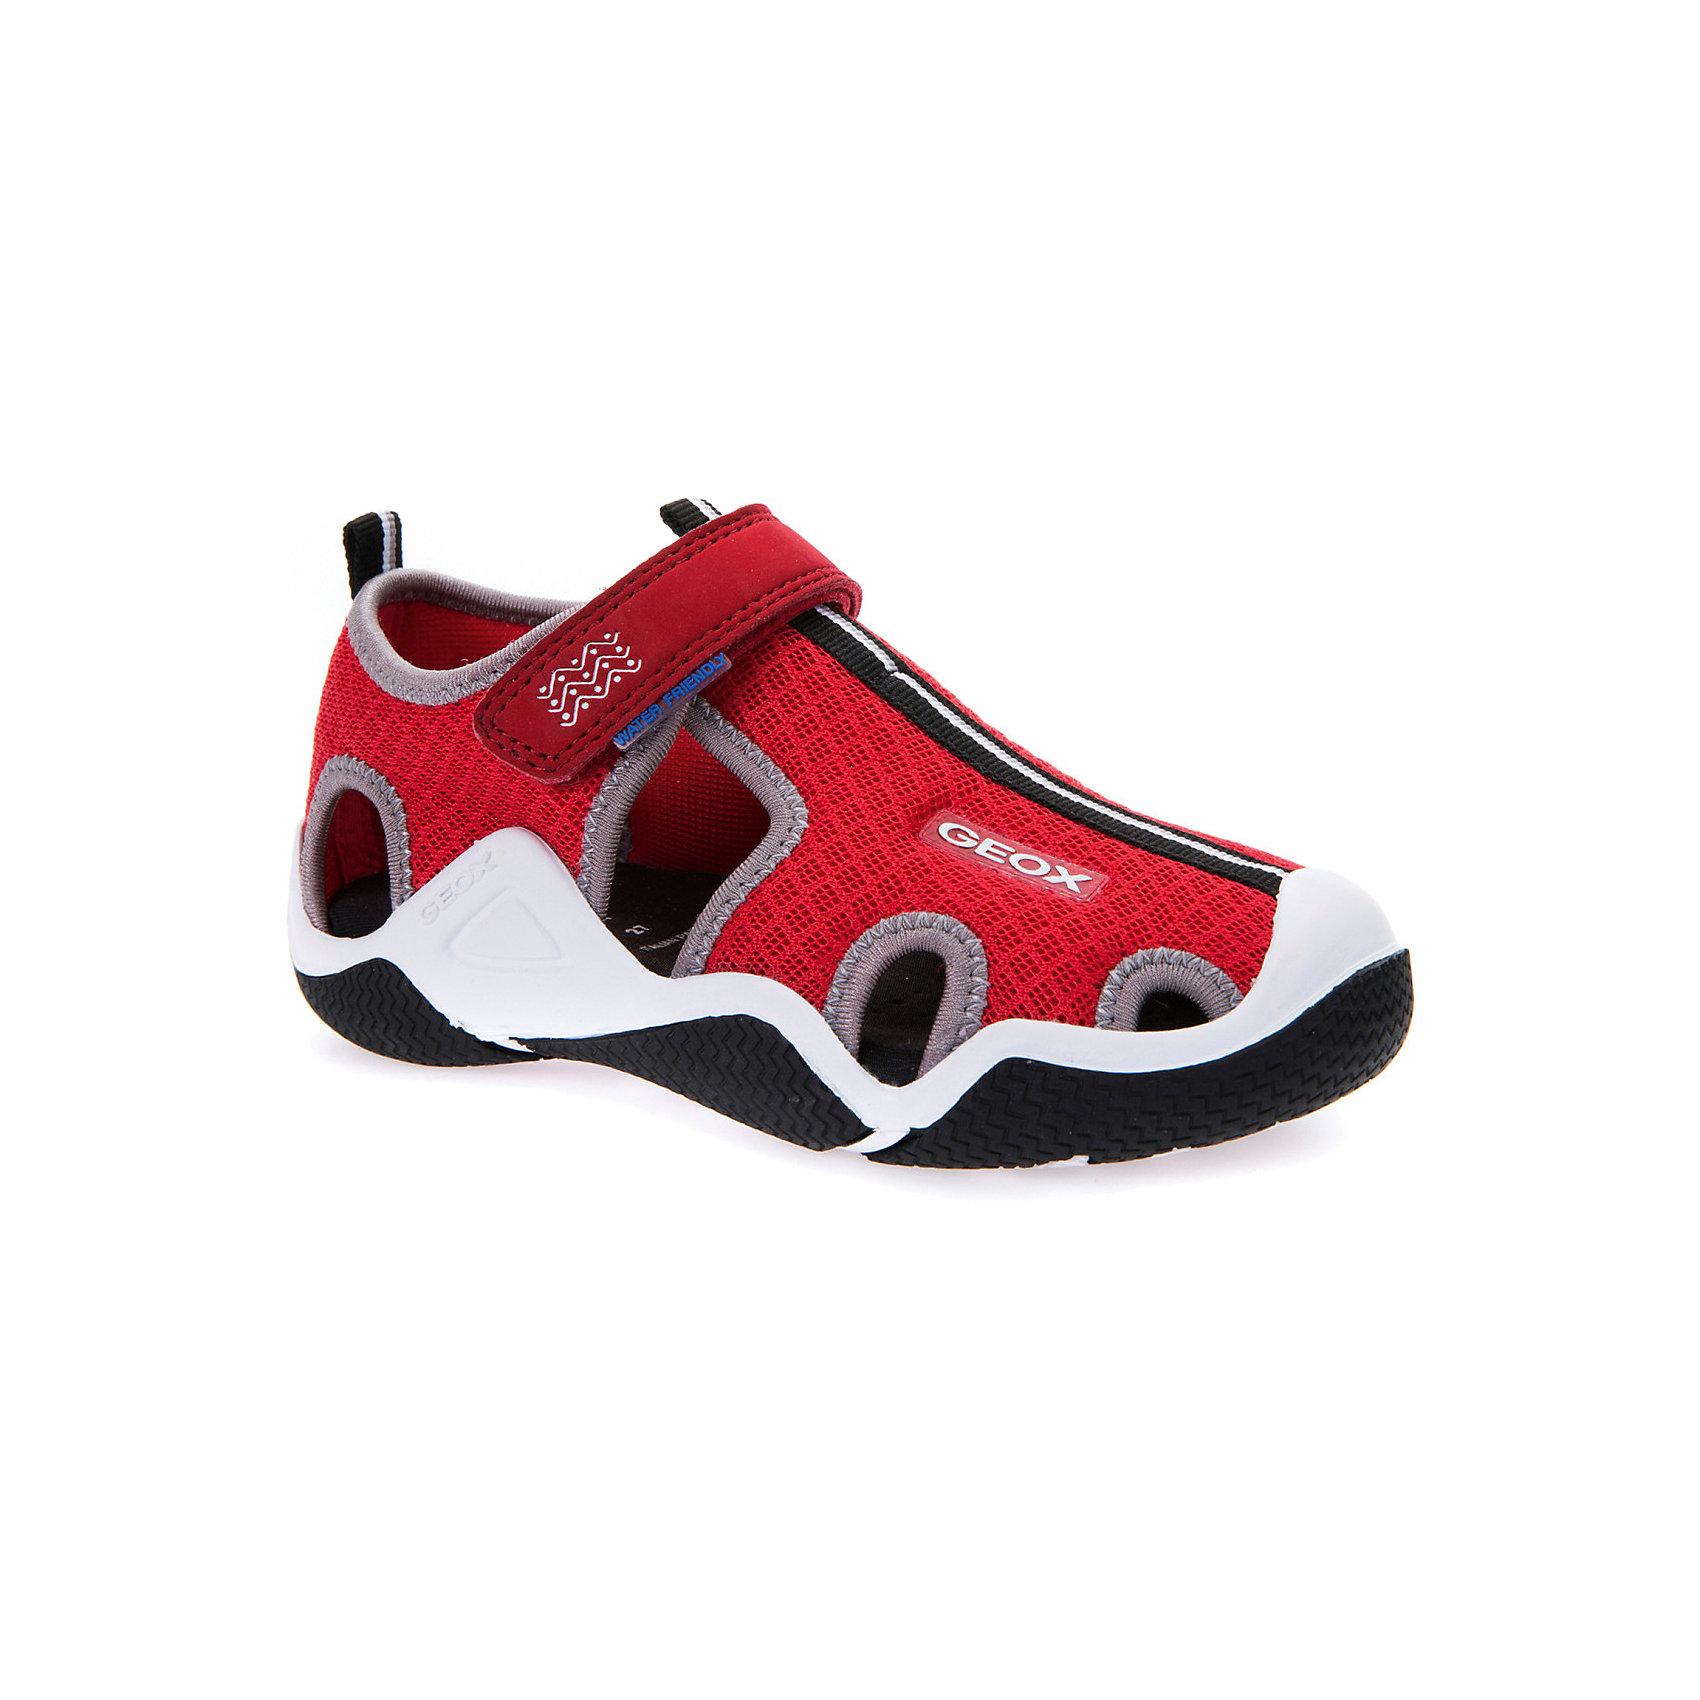 Сандалии для мальчика GEOXСандалии<br>Характеристики товара:<br><br>• цвет: красный<br>• внешний материал: текстиль<br>• внутренний материал: текстиль<br>• стелька: текстиль<br>• подошва: резина<br>• застежка: липучка<br>• закрытый носок<br>• спортивный стиль<br>• устойчивая подошва<br>• мембранная технология<br>• декорированы логотипом<br>• коллекция: весна-лето 2017<br>• страна бренда: Италия<br><br>Легкие удобные сандали помогут обеспечить ребенку комфорт и дополнить наряд. Универсальный цвет позволяет надевать их под одежду разных расцветок. Сандали удобно сидят на ноге и стильно смотрятся. Отличный вариант для жаркой погоды!<br><br>Обувь от бренда GEOX - это классический пример итальянского стиля и высокого качества, известных по всему миру. Модели этой марки - неизменно модные и комфортные. Для их производства используются только безопасные, качественные материалы и фурнитура. Отличие этой линейки обуви - мембранная технология, которая обеспечивает естественное дыхание обуви и в то же время не пропускает воду. Это особенно важно для детской обуви!<br><br>Сандали от итальянского бренда GEOX (ГЕОКС) можно купить в нашем интернет-магазине.<br><br>Ширина мм: 262<br>Глубина мм: 176<br>Высота мм: 97<br>Вес г: 427<br>Цвет: красный<br>Возраст от месяцев: 120<br>Возраст до месяцев: 132<br>Пол: Мужской<br>Возраст: Детский<br>Размер: 34,26,27,28,29,30,31,32,33<br>SKU: 5335246